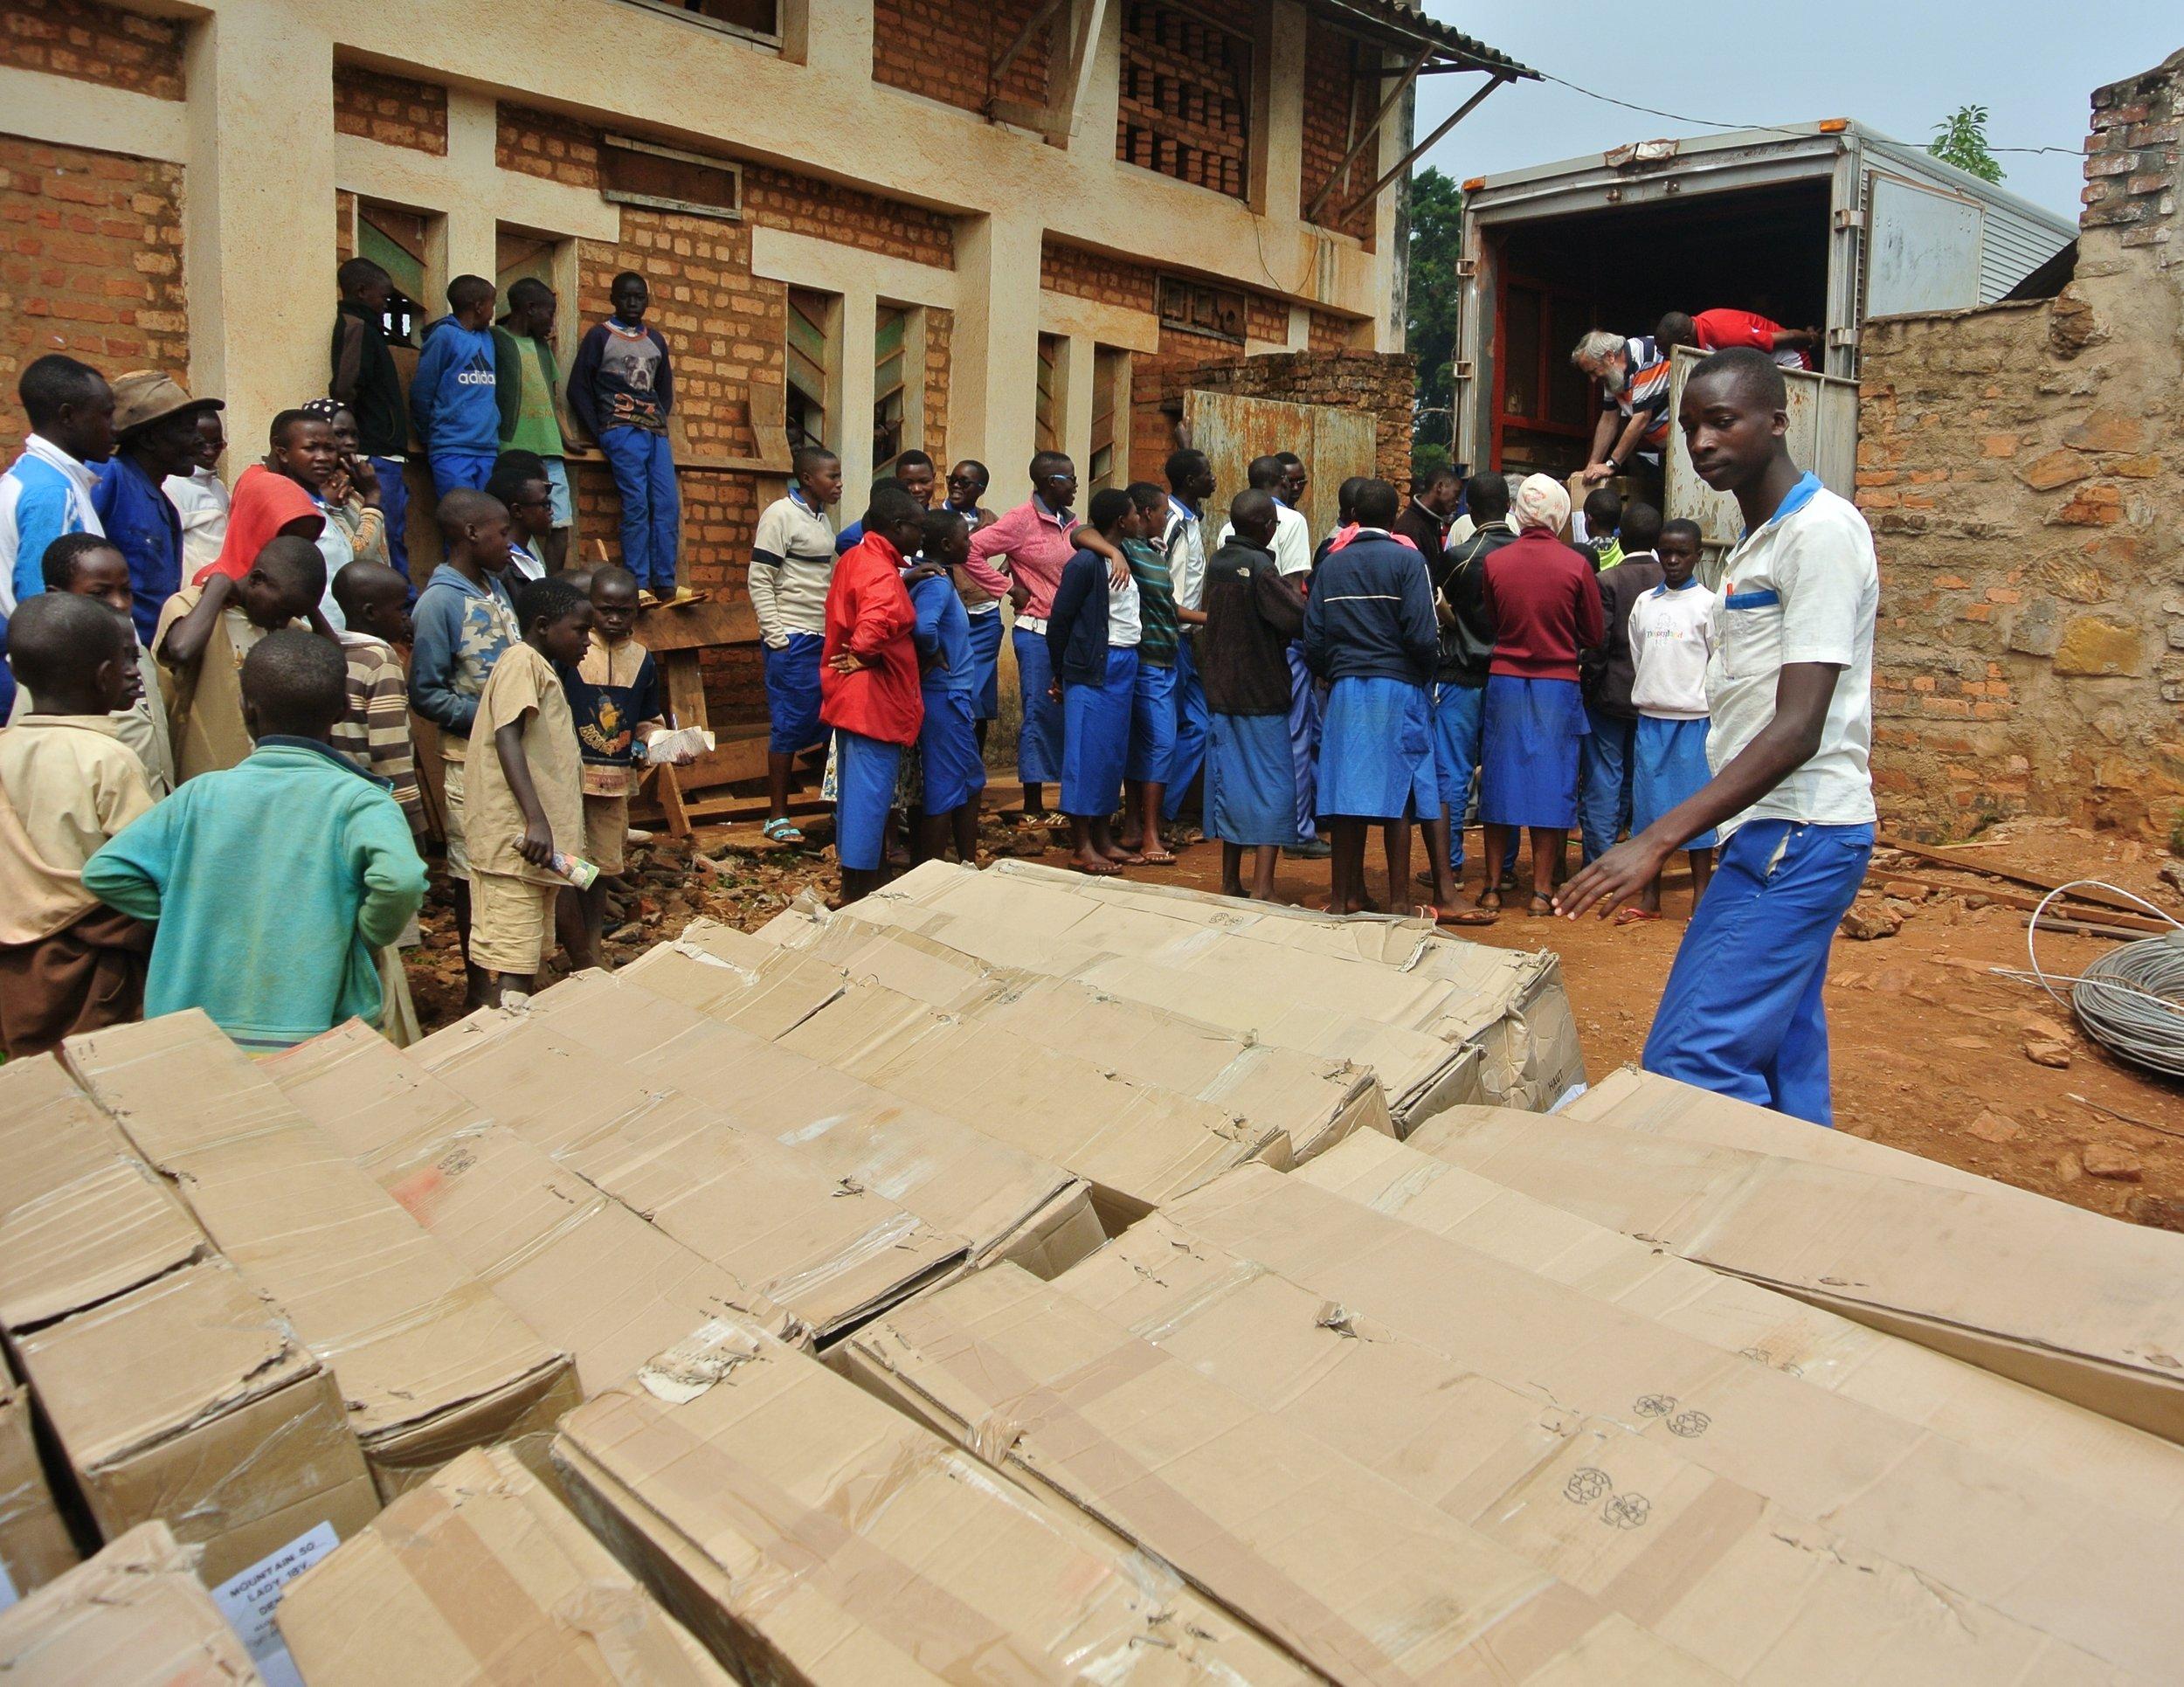 Descarga de la mercancía remitida por SOS Burundi.JPG